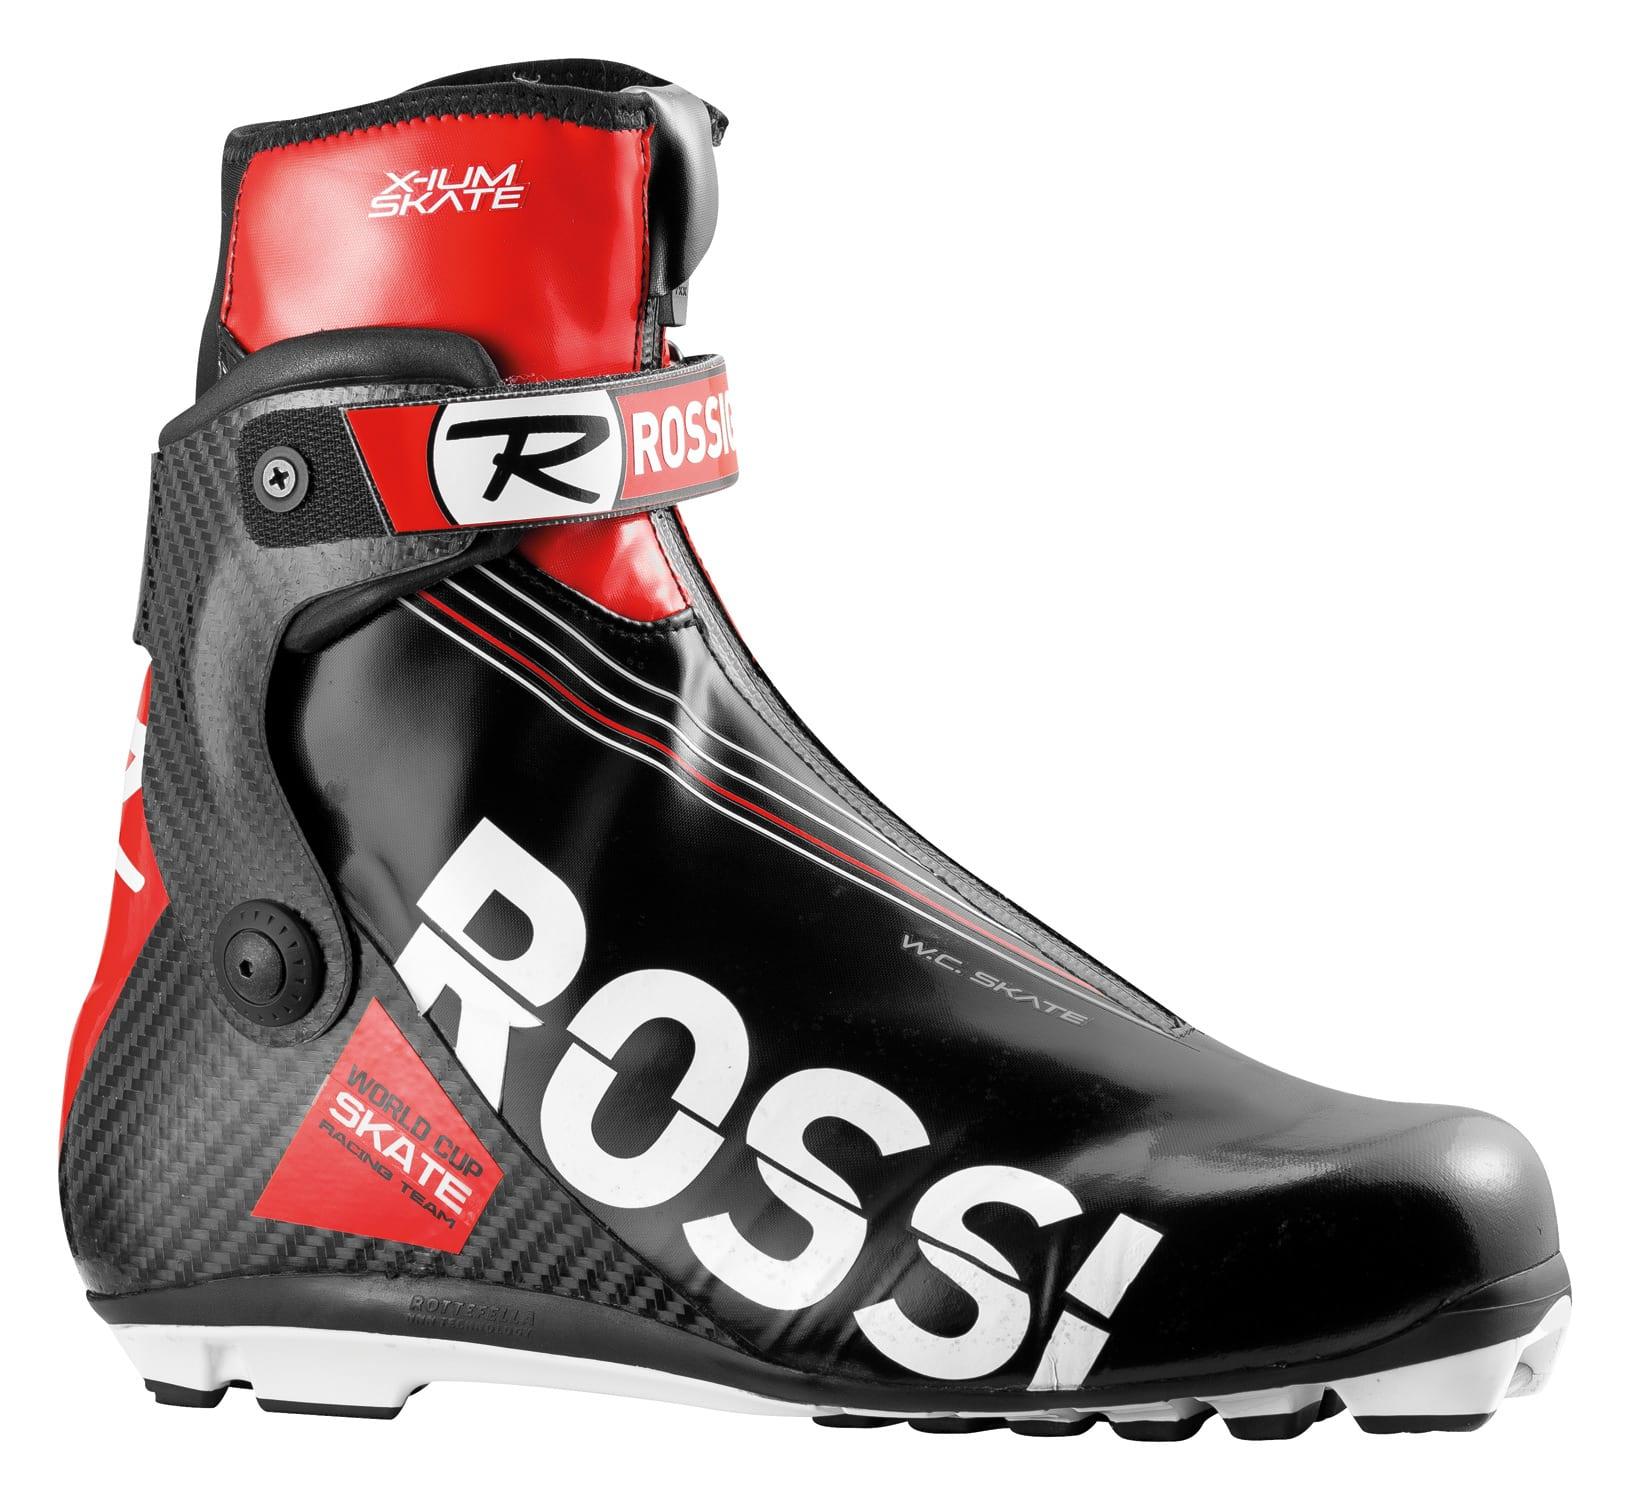 Rossignol X Ium Wc Skate Xc Ski Boots